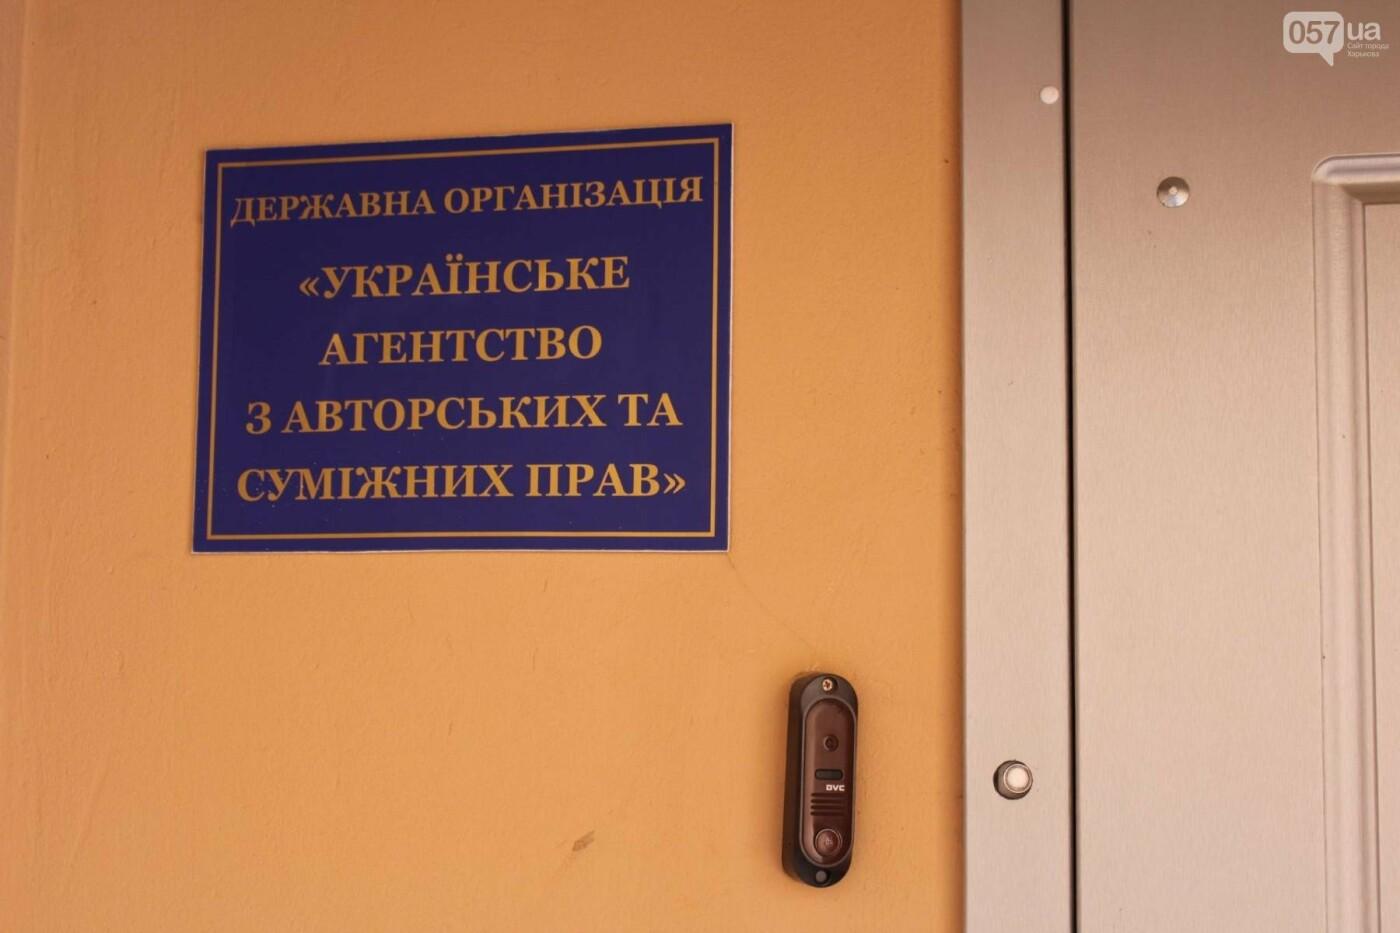 Кожне кафе в Україні має платити за музику, навіть якщо звучить радіо: як це влаштовано, фото-1, Фото: 057.ua